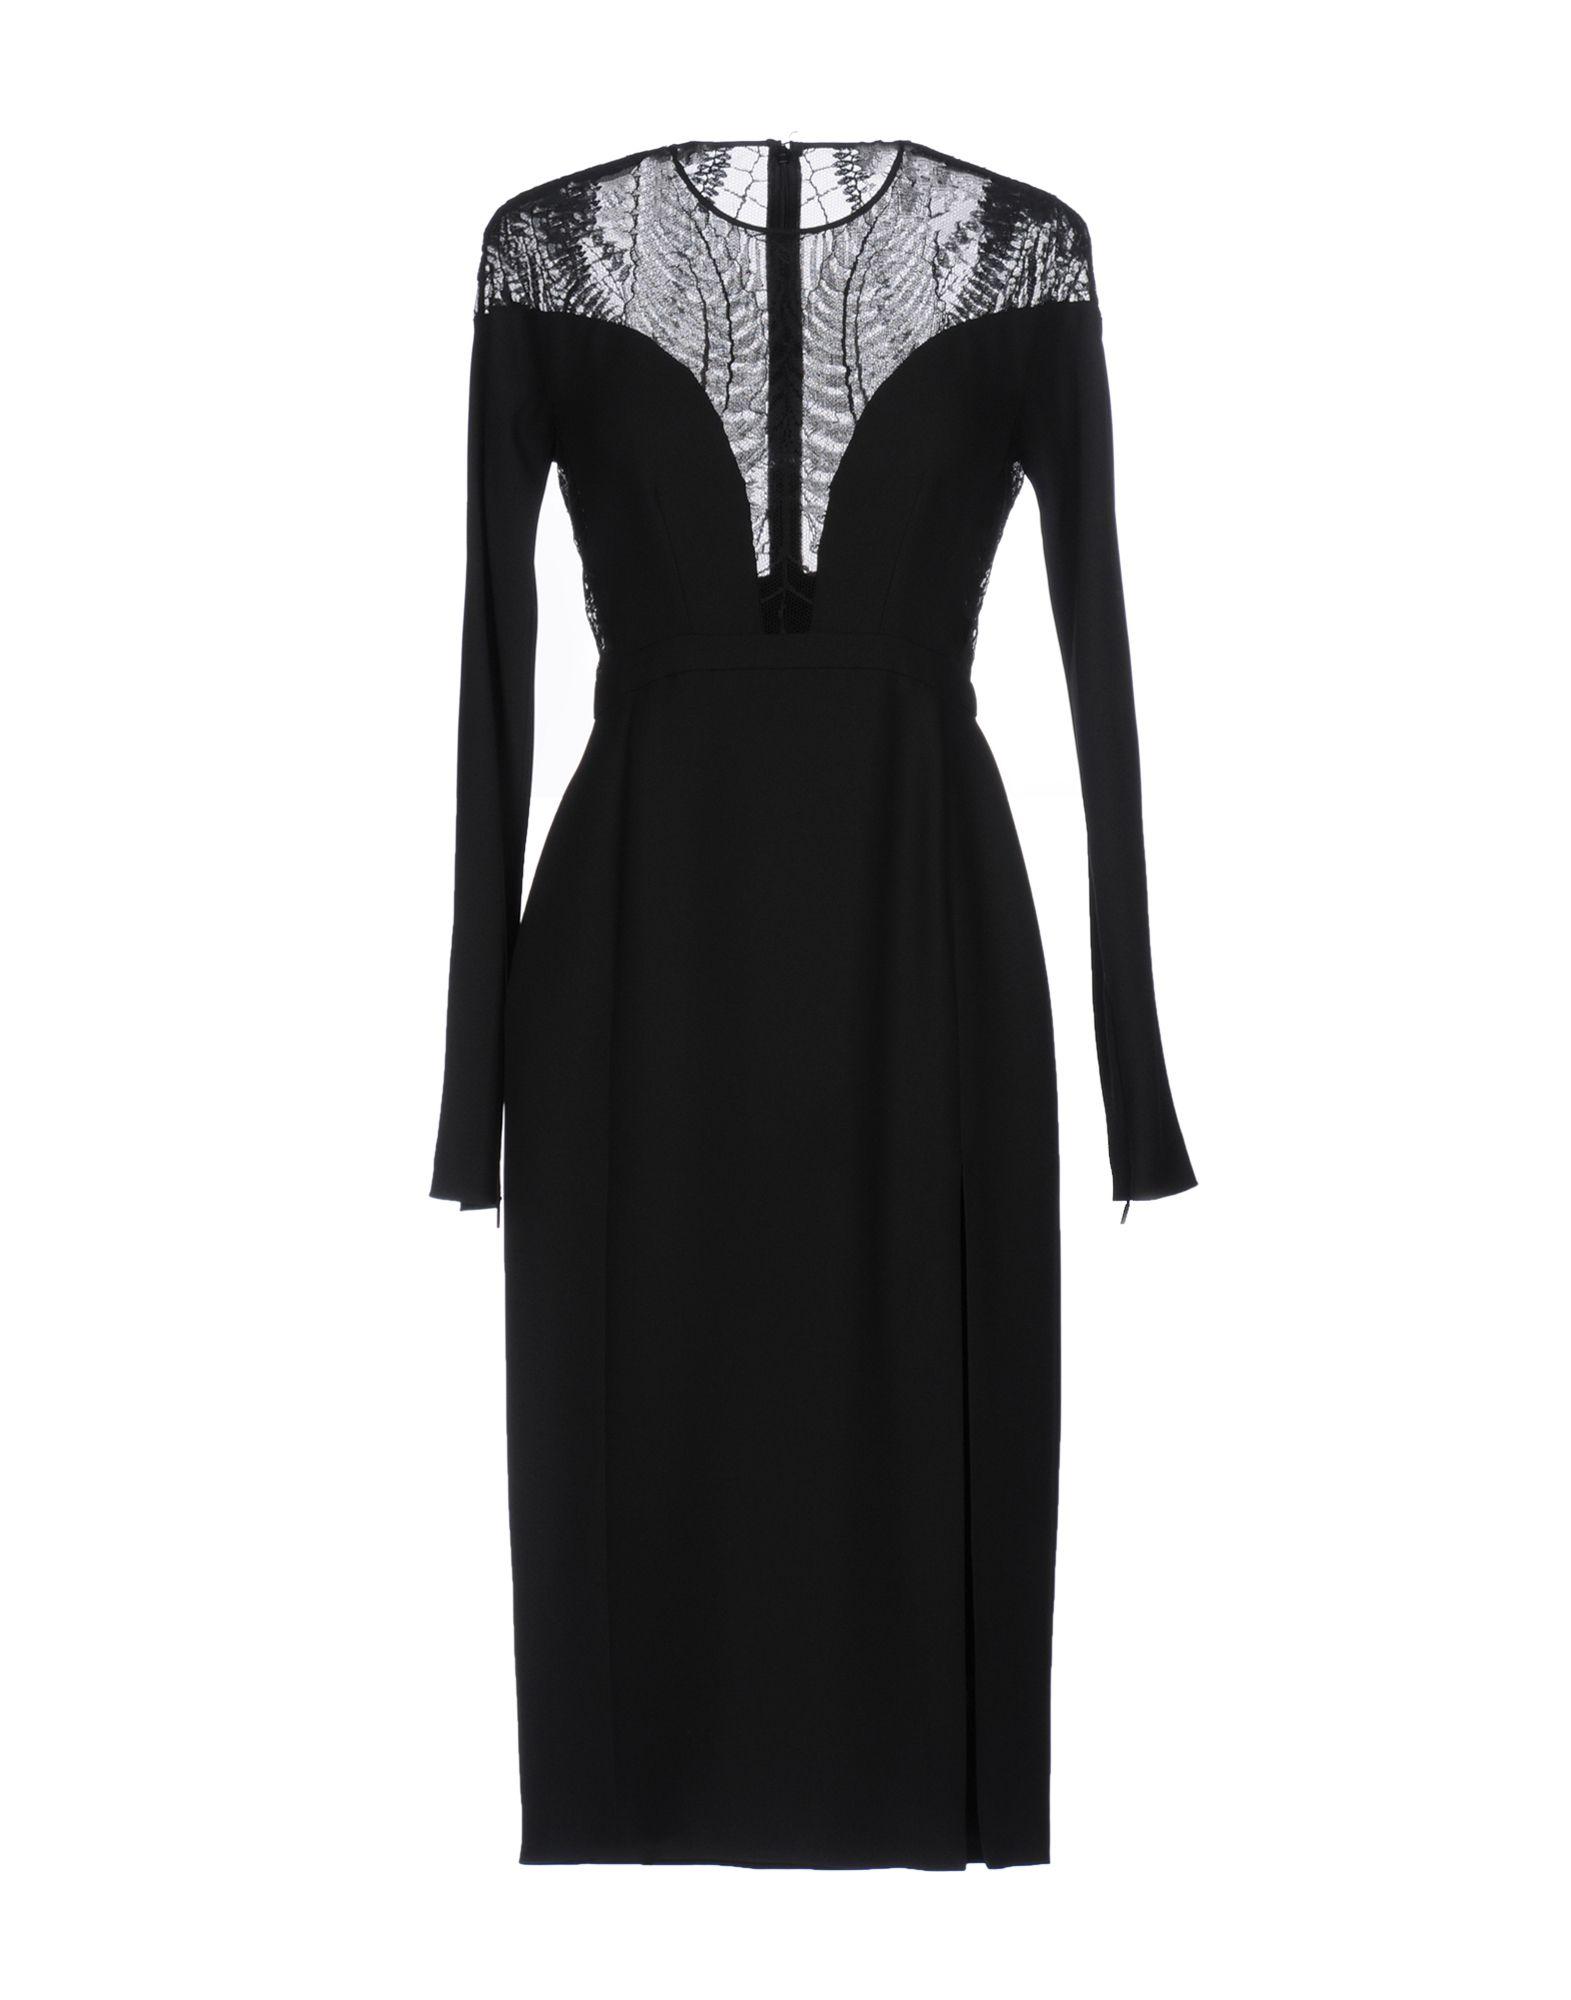 GUCCI Damen Knielanges Kleid Farbe Schwarz Größe 1